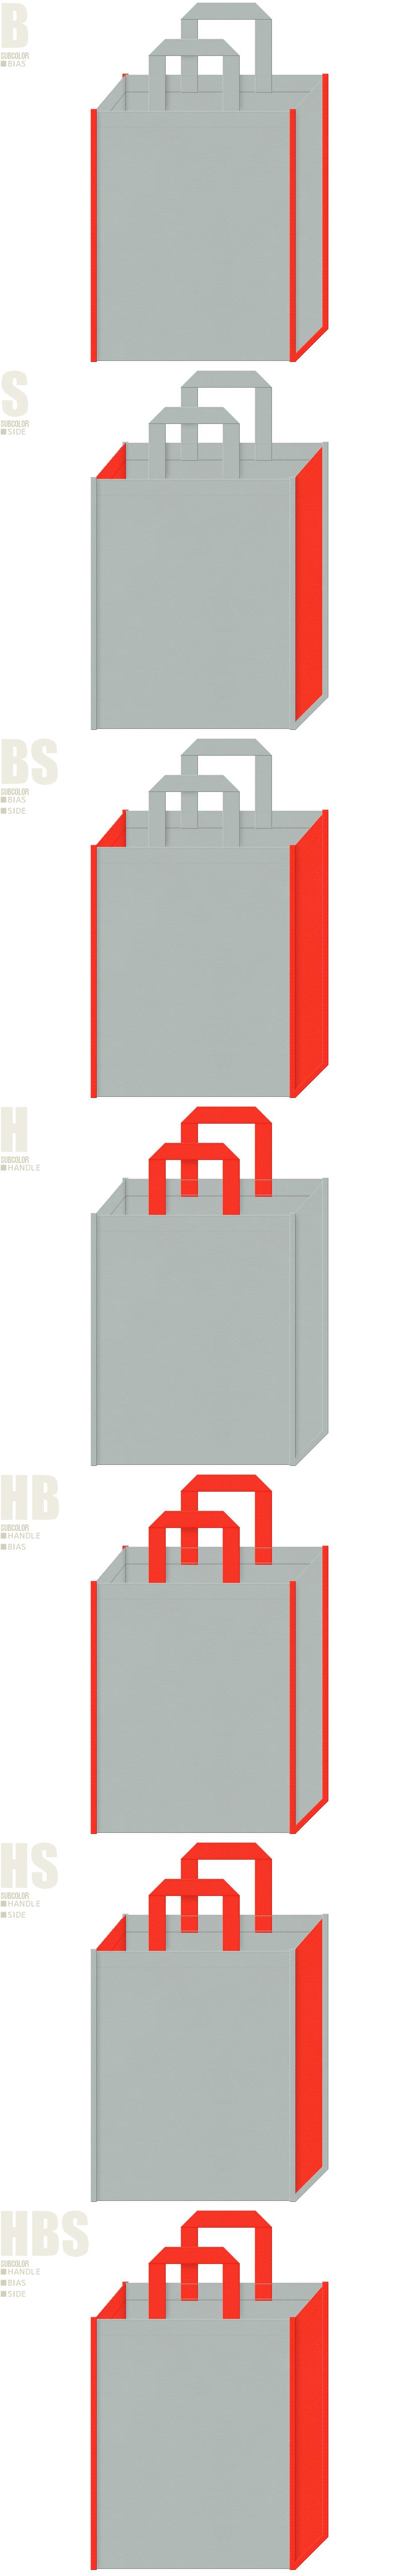 グレー色とオレンジ色-7パターンの不織布トートバッグ配色デザイン例:ロボット・ラジコン・ホビーにお奨めです。